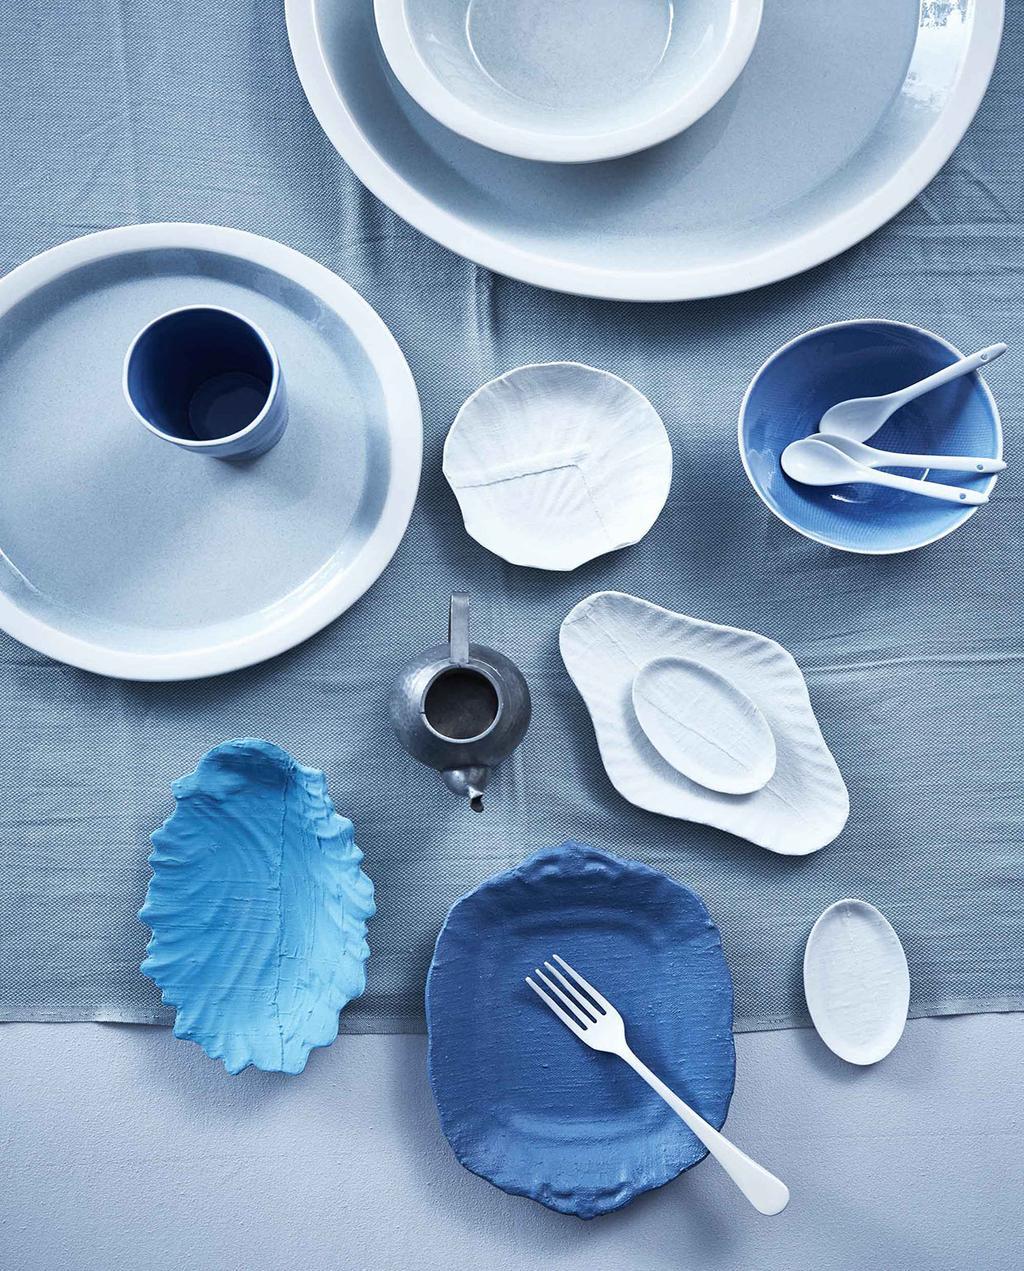 vtwonen 05-2016 | blauw servies met wit en aardewerken